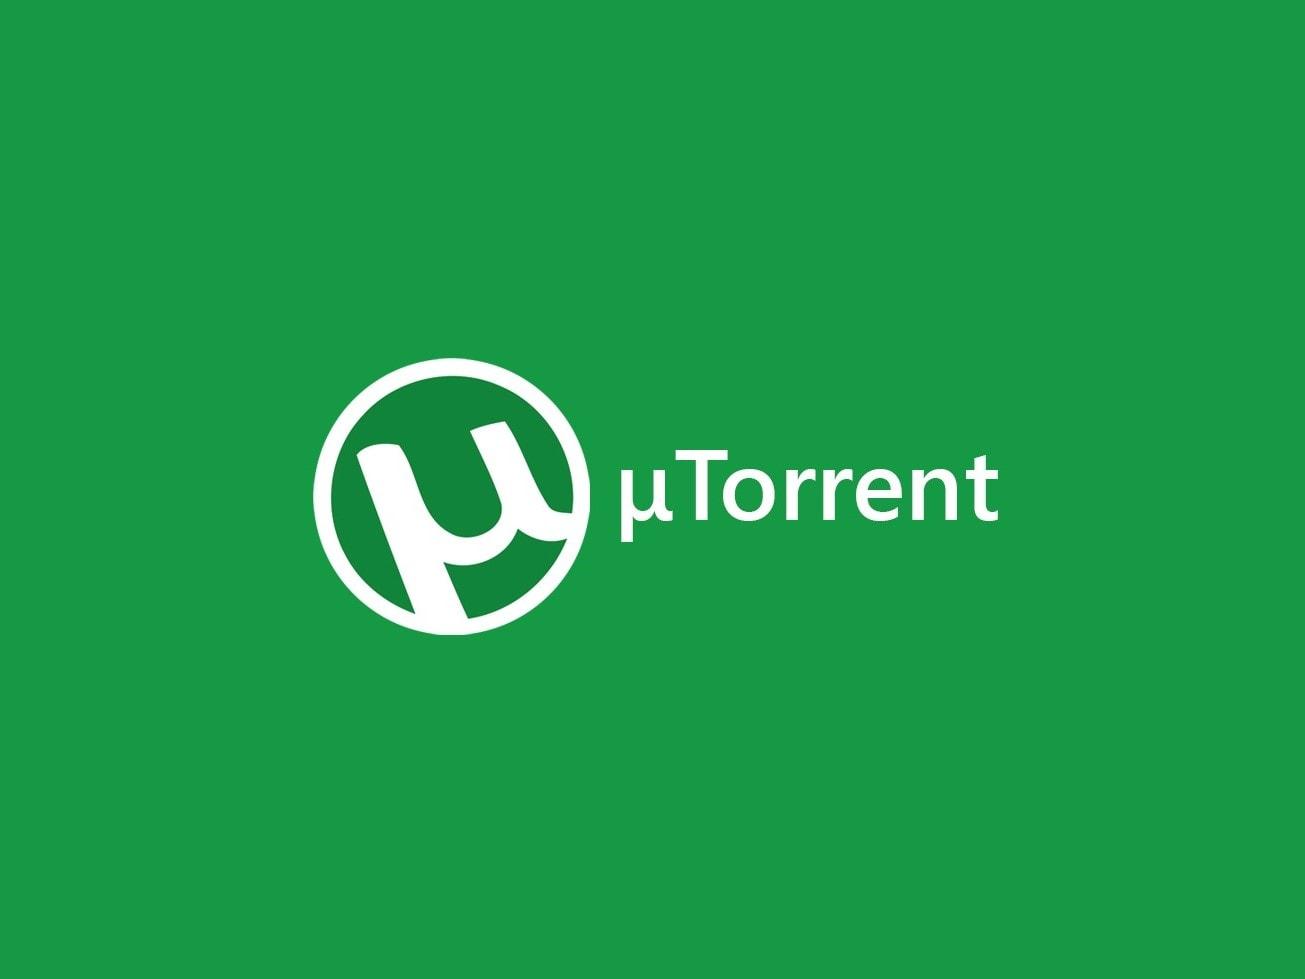 uTorrent est désormais qualifié de menace sévère par Microsoft et les éditeurs d'antivirus